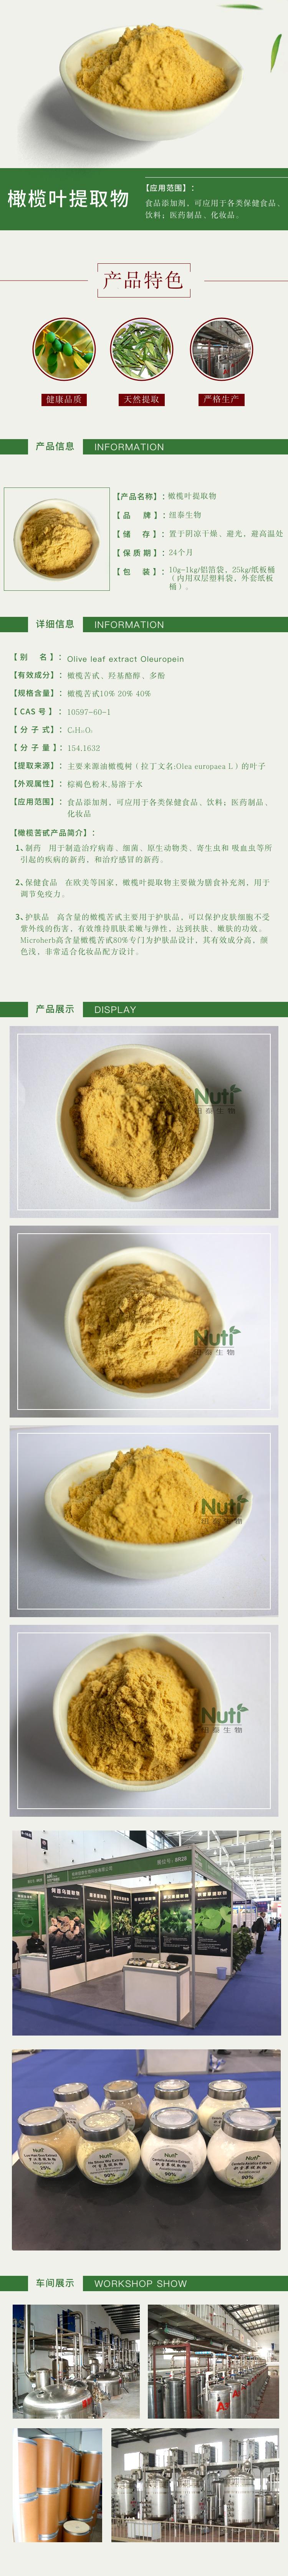 橄榄叶提取物 羟基酪醇的检测方法HPLC 20%示例图1